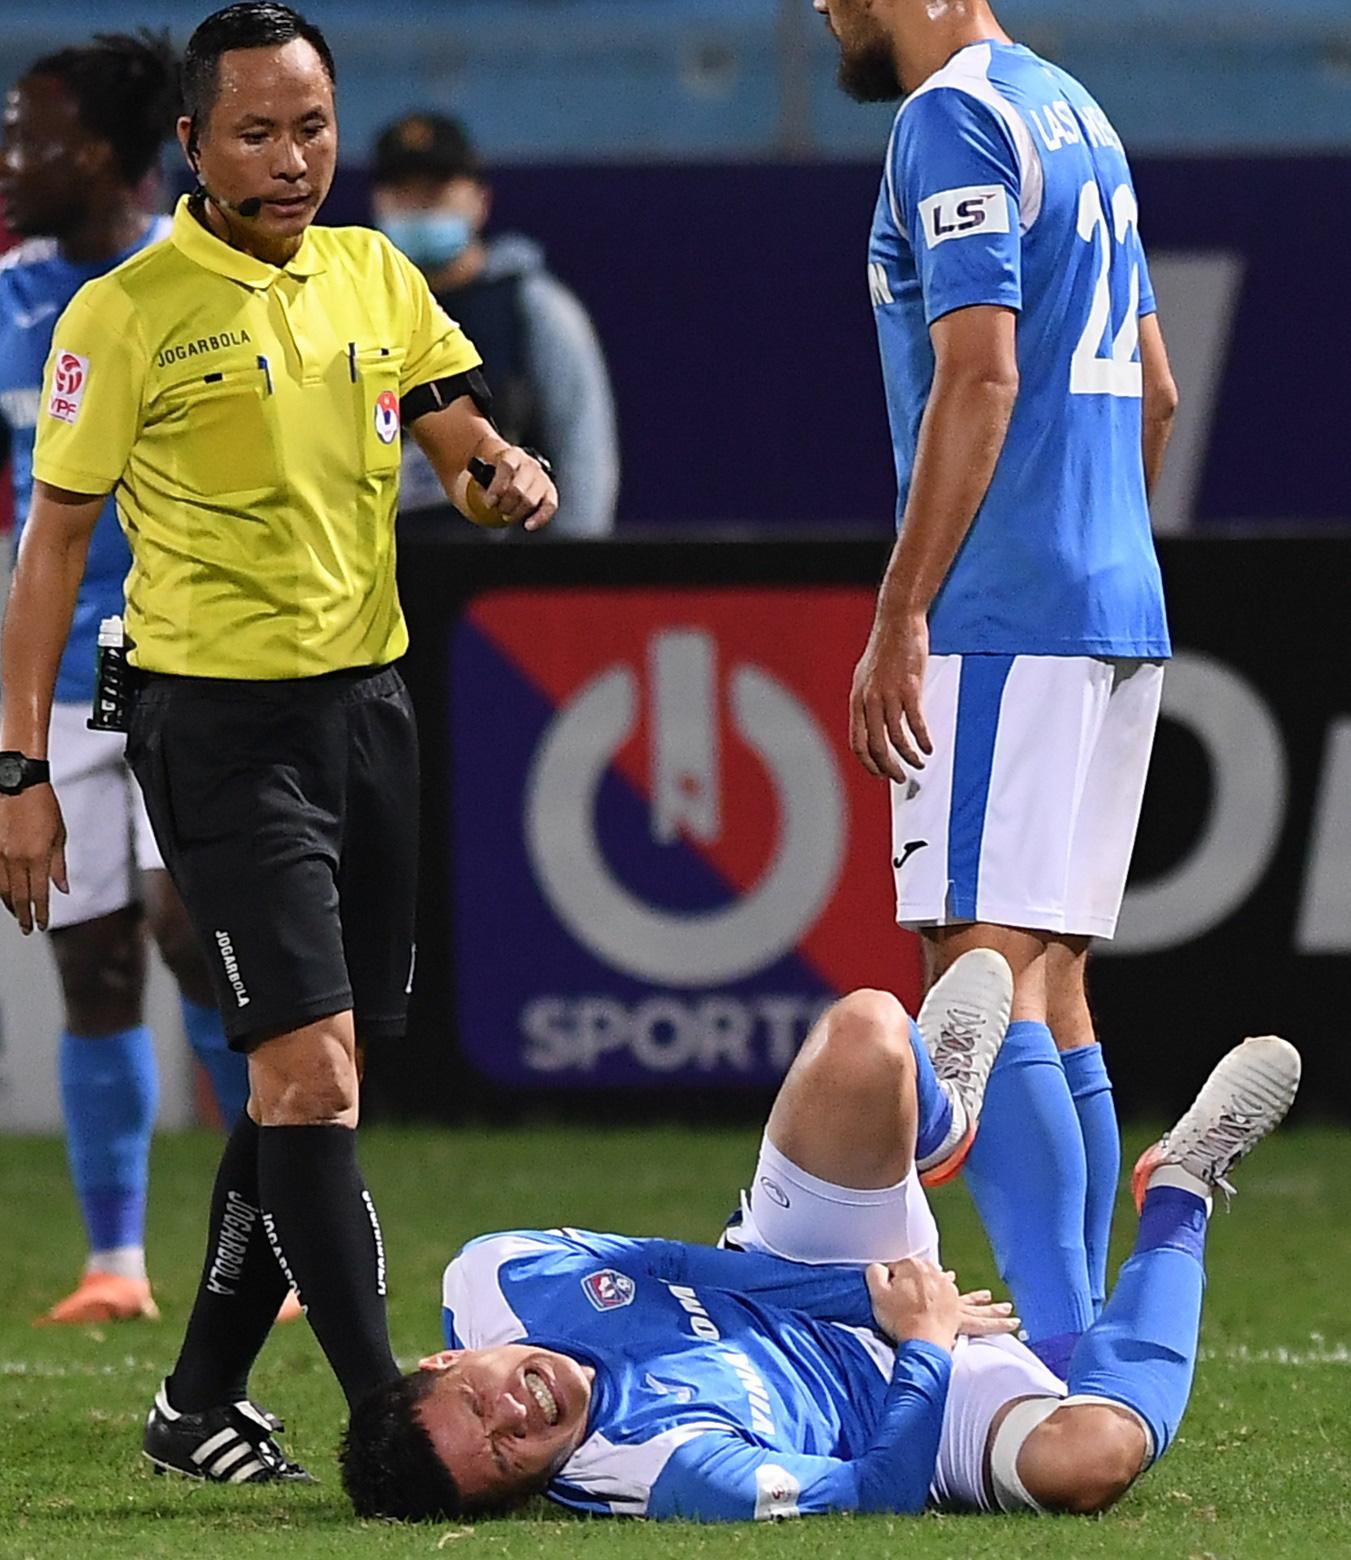 Cầu thủ điển trai được đề cử cho HLV Park Hang-seo khiến tất cả giật mình vì nằm ôm bụng dưới và cái kết thở phào - Ảnh 4.